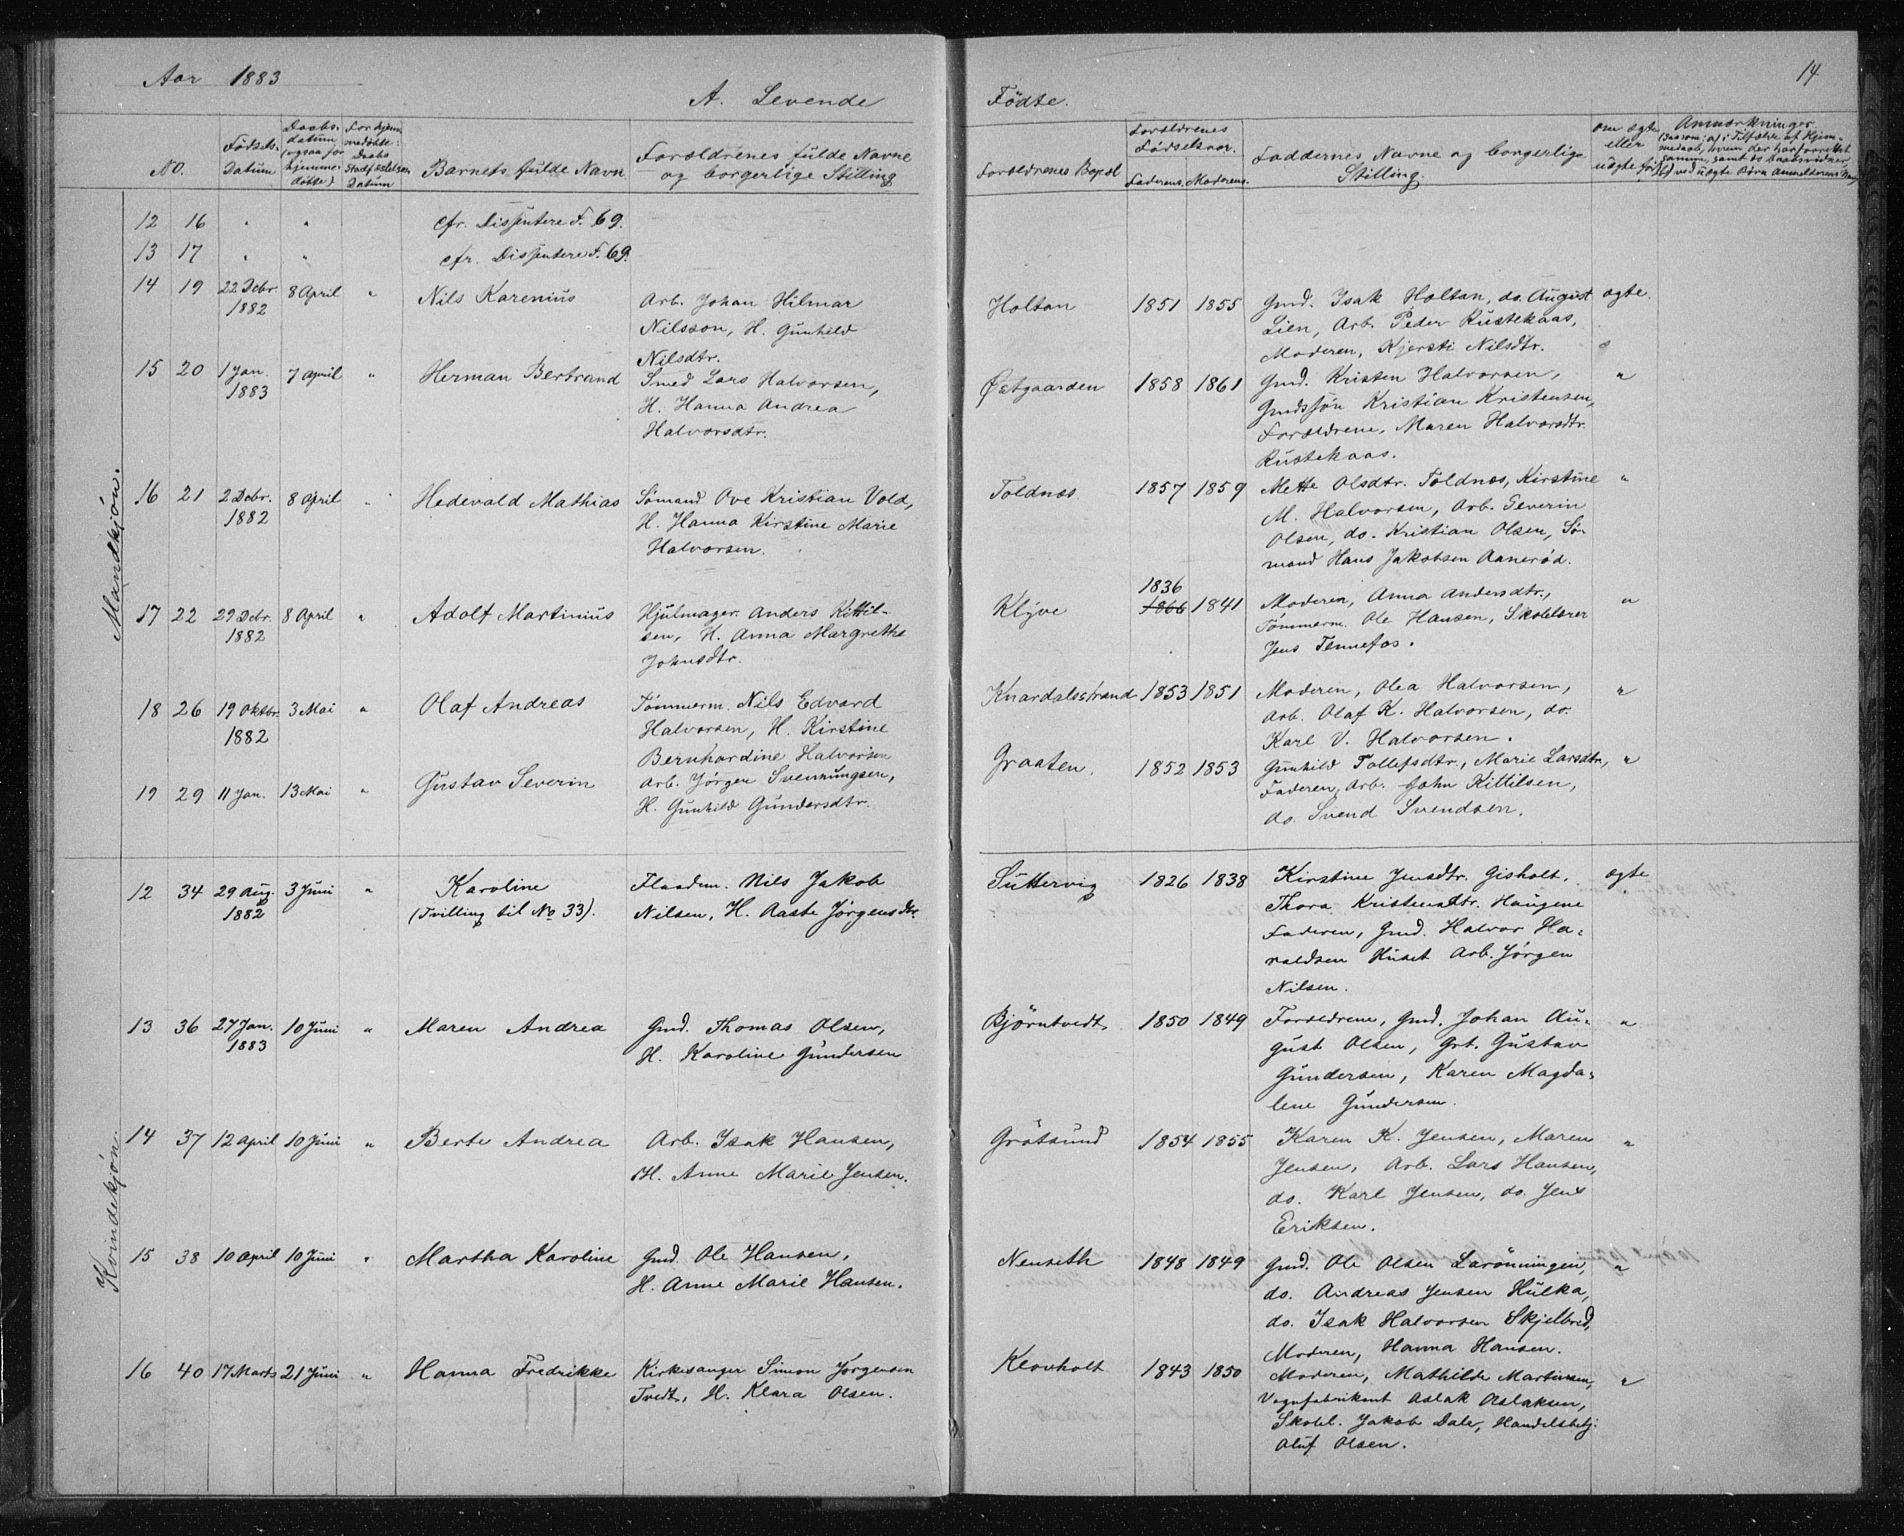 SAKO, Solum kirkebøker, G/Ga/L0006: Klokkerbok nr. I 6, 1882-1883, s. 14